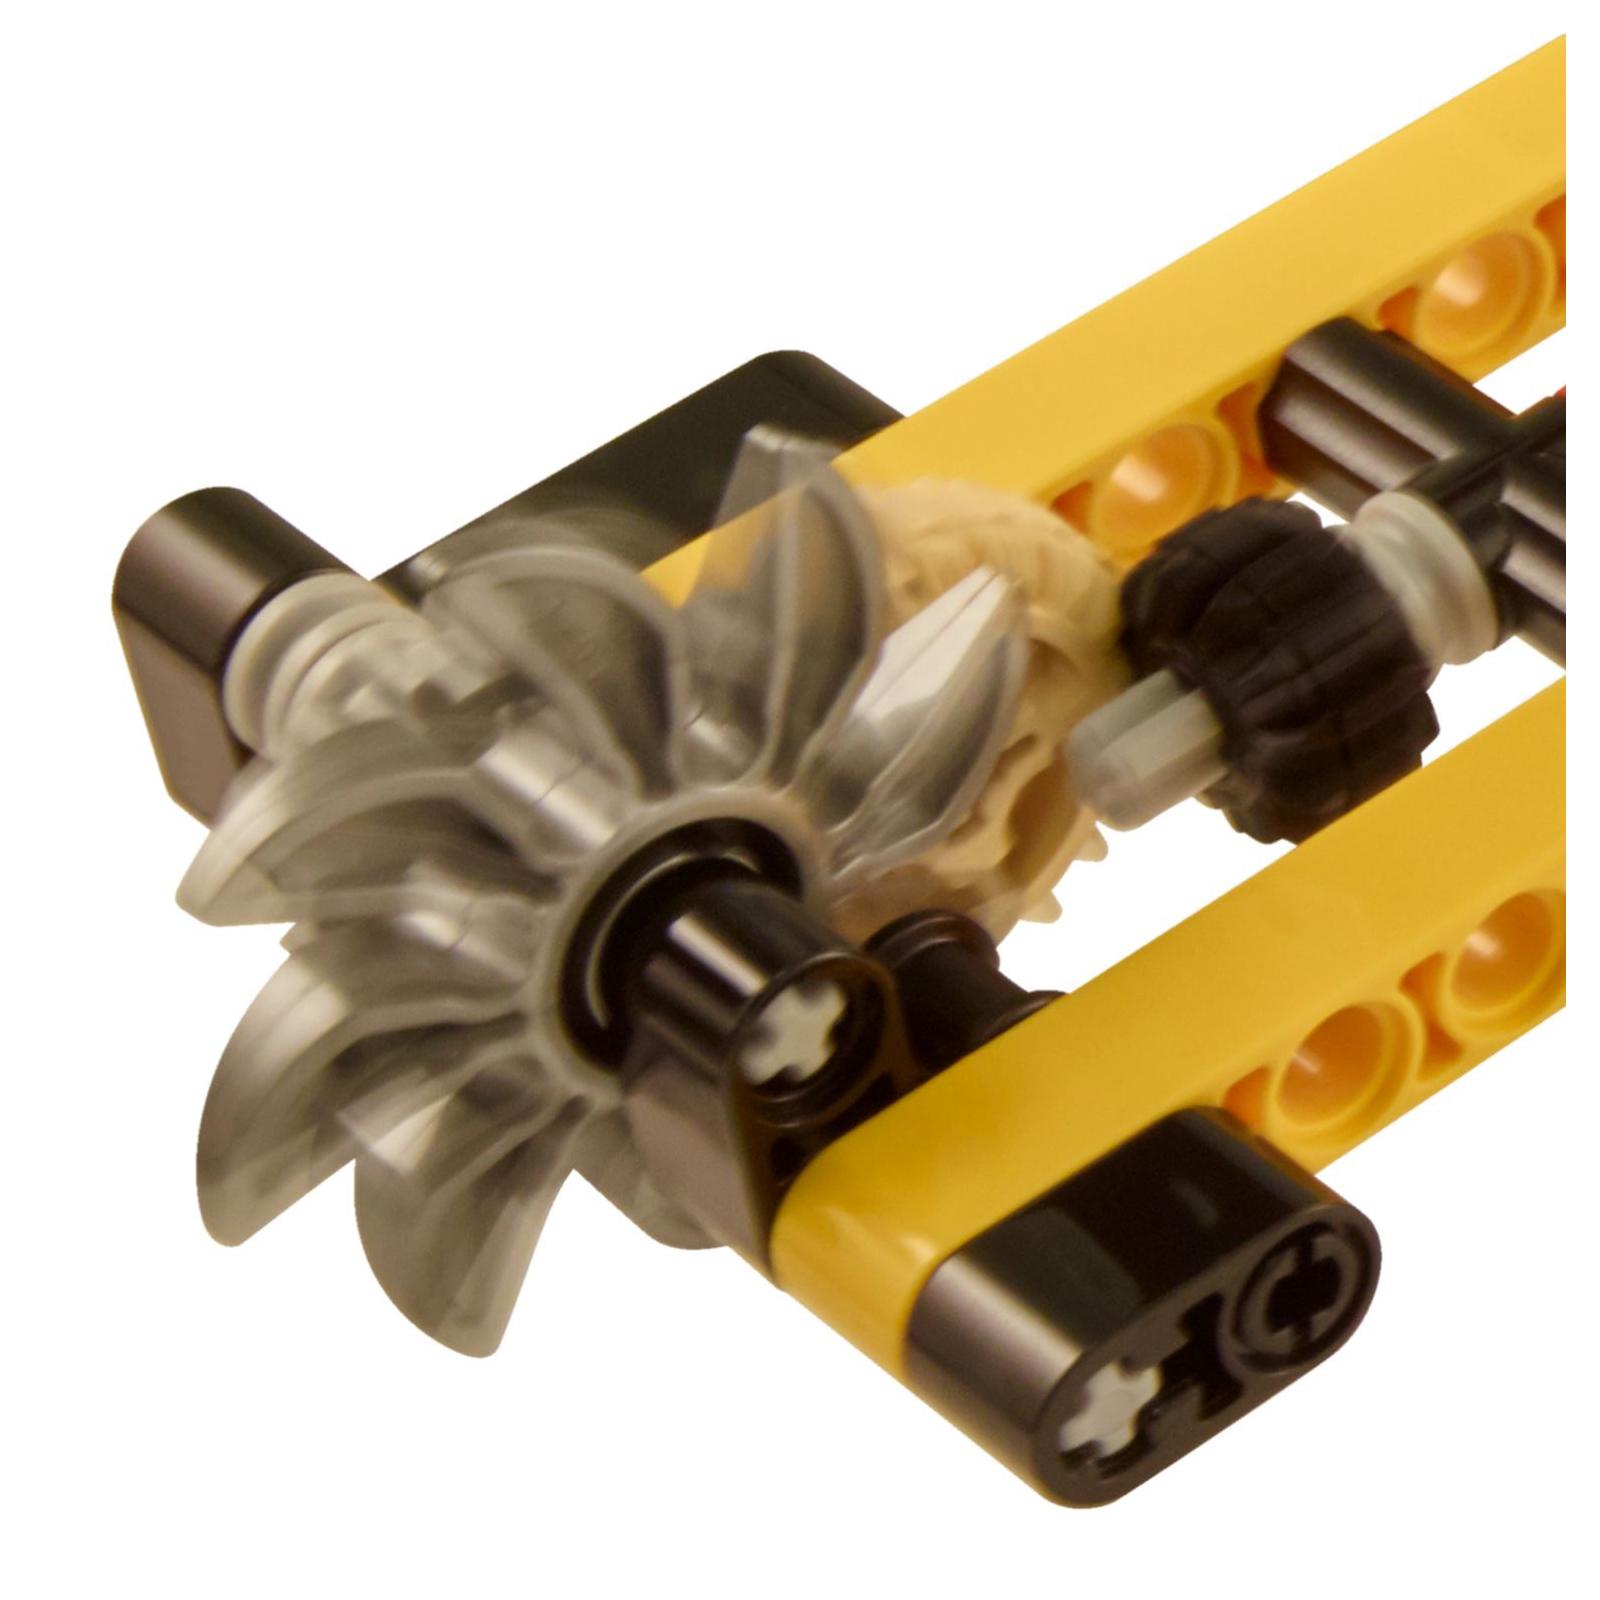 Конструктор LEGO Technic Карьерный погрузчик (42049) изображение 7